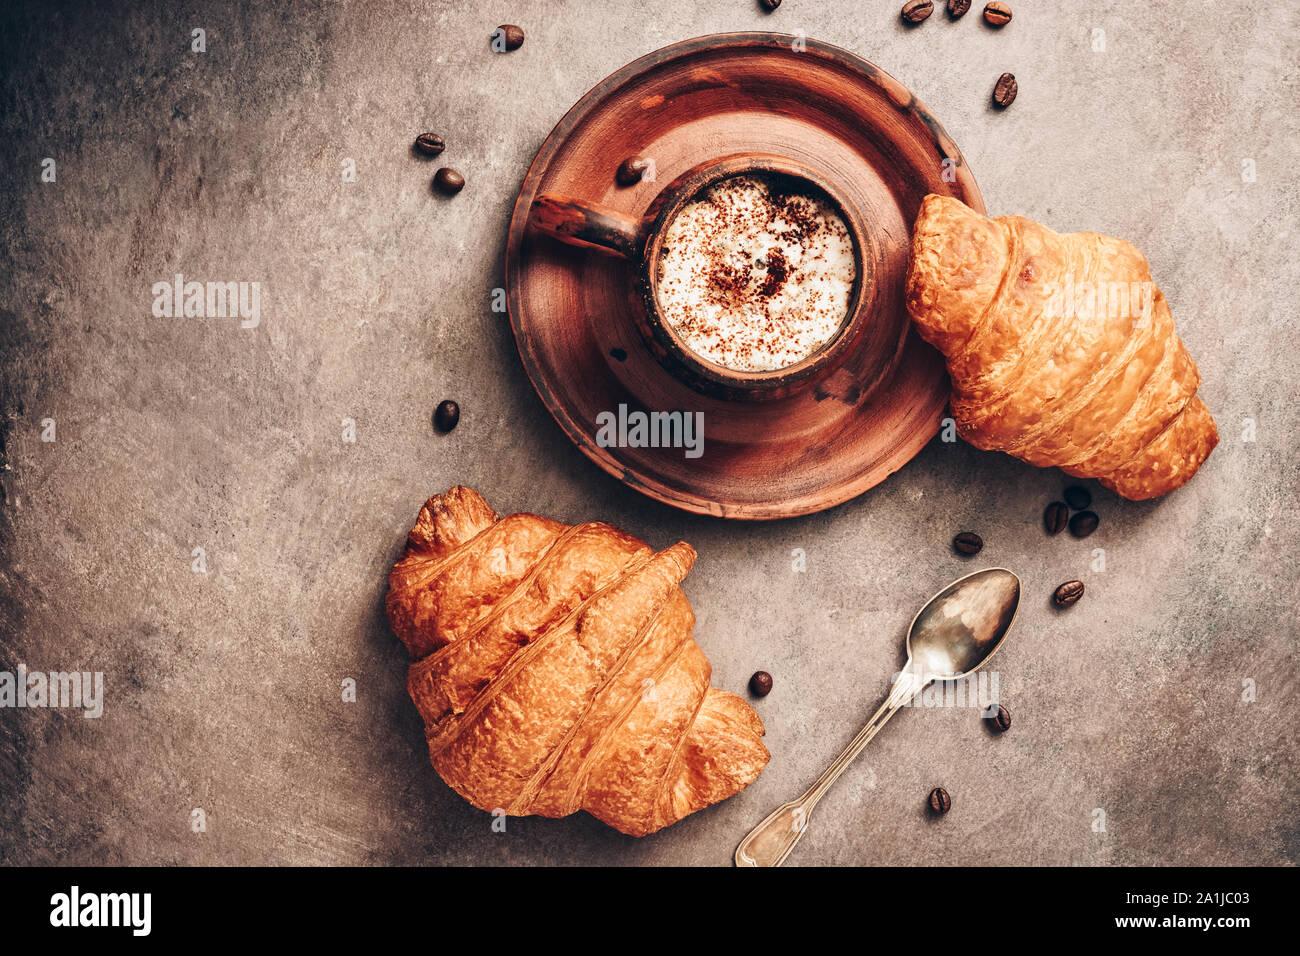 Los cruasanes y café caliente en una taza vintage oscuro sobre un fondo de textura rústica en tonos marrones. Vista desde arriba, laicos plana Foto de stock